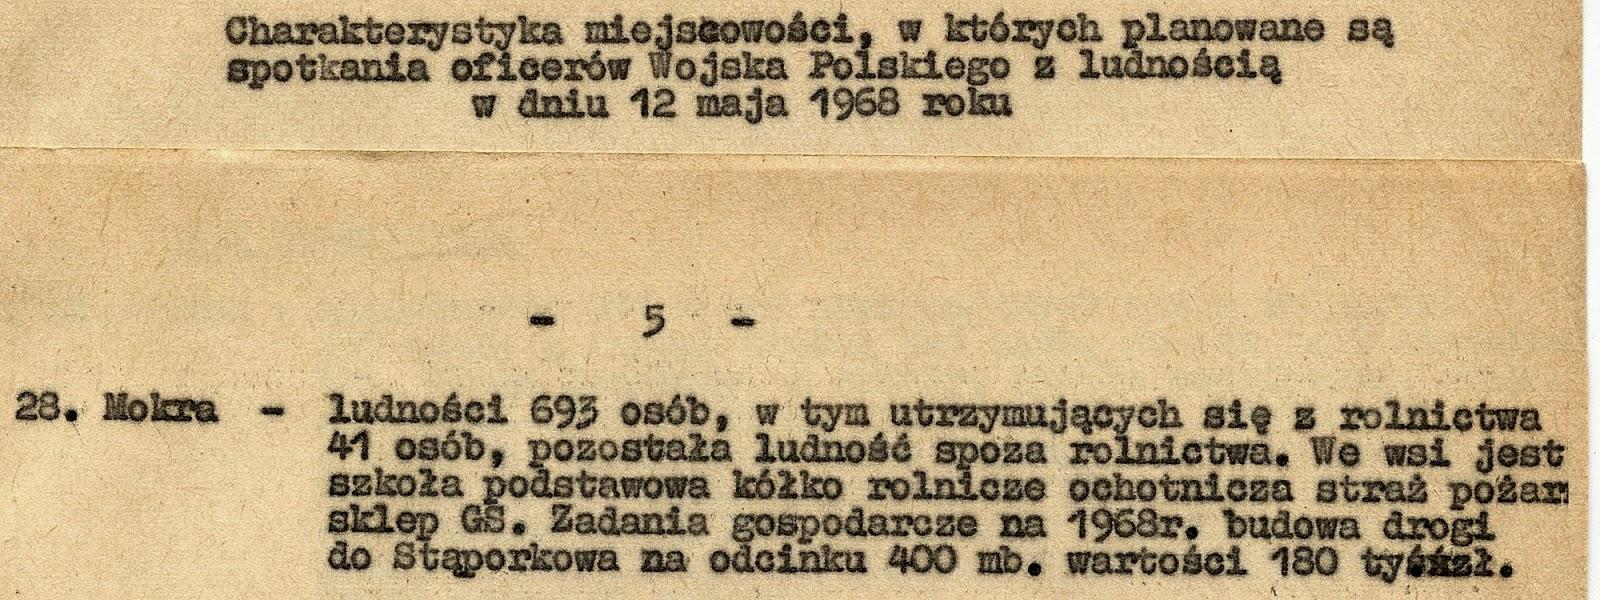 Charakterystyka miejscowości, w których planowane są spotkania oficerów Wojska Polskiego z ludnością w dniach 12 maja 1968 r. Dokument w zbiorach KW.